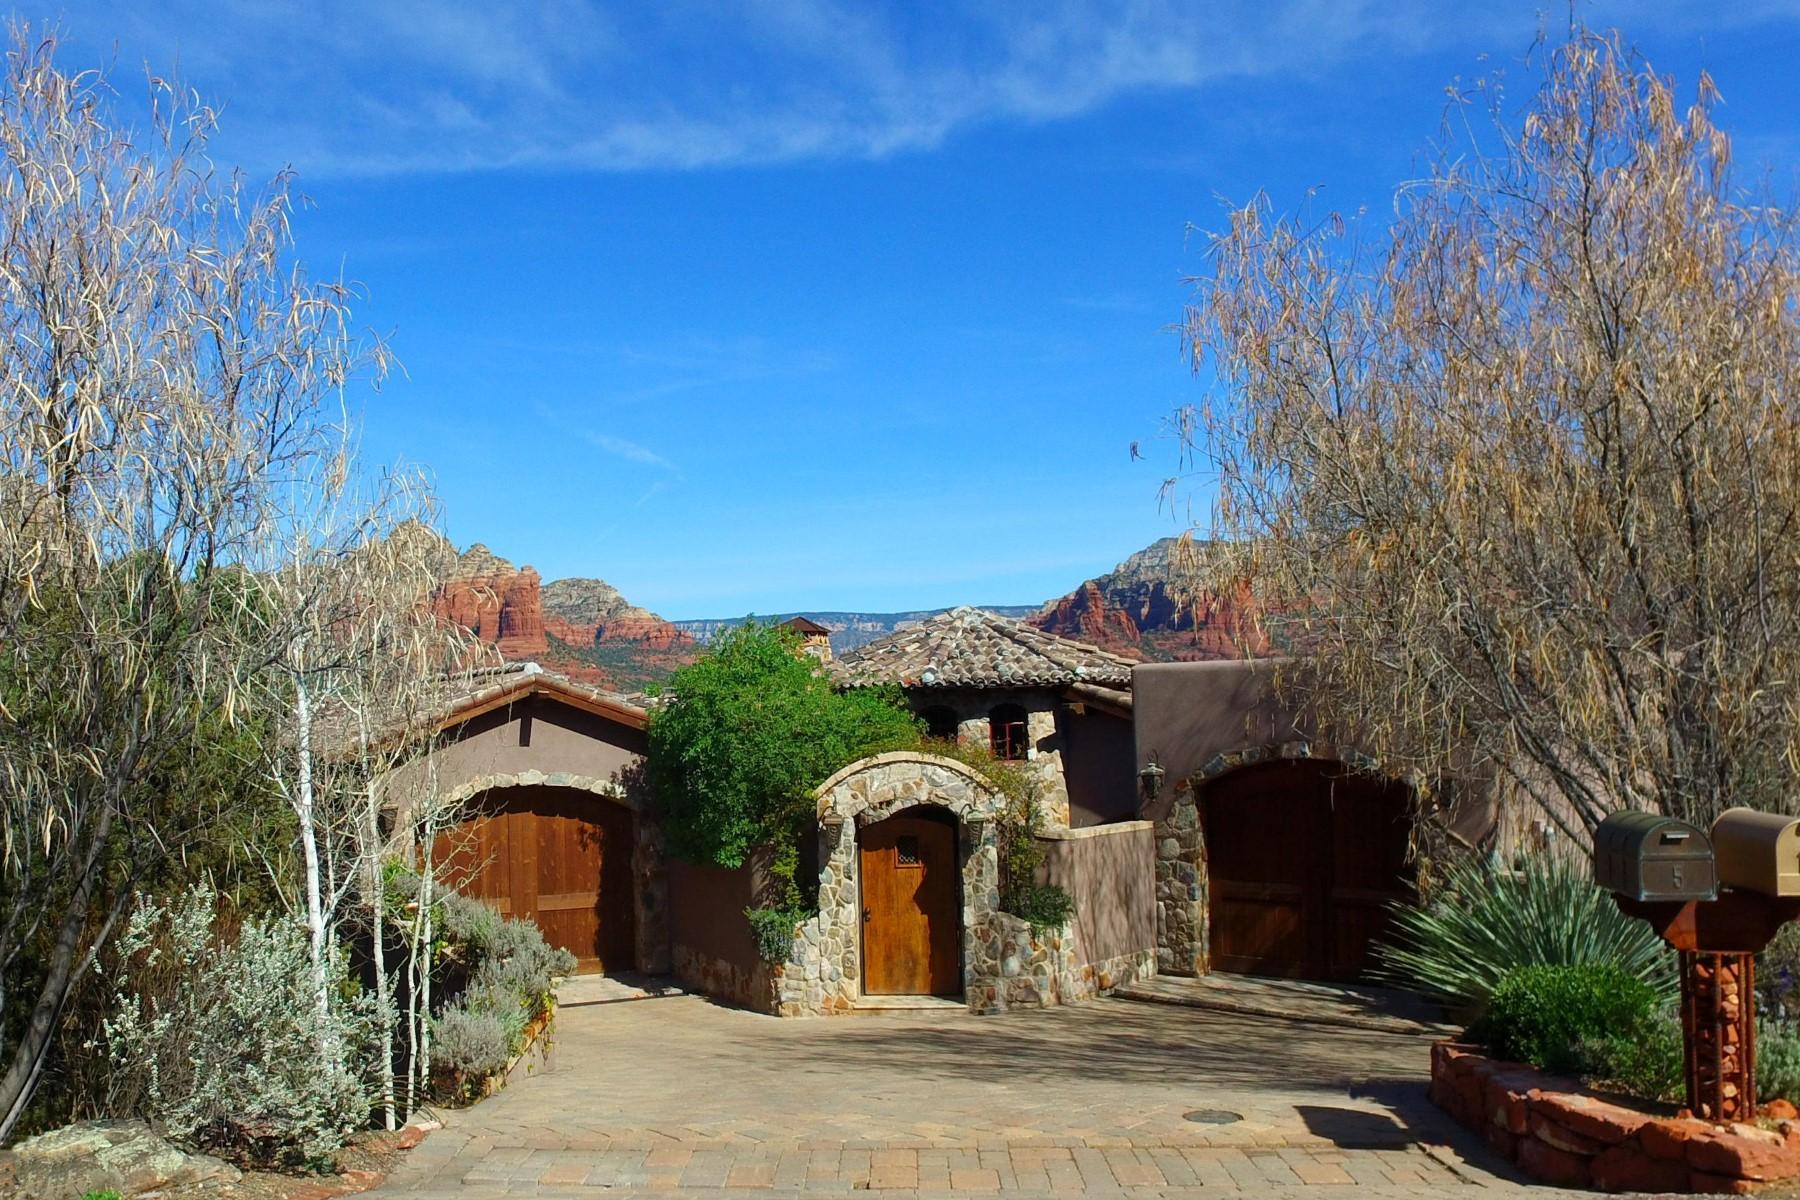 独户住宅 为 销售 在 Italian Villa style Sedona home 5 Mingus Mountain Rd 塞多那市, 亚利桑那州 86336 美国